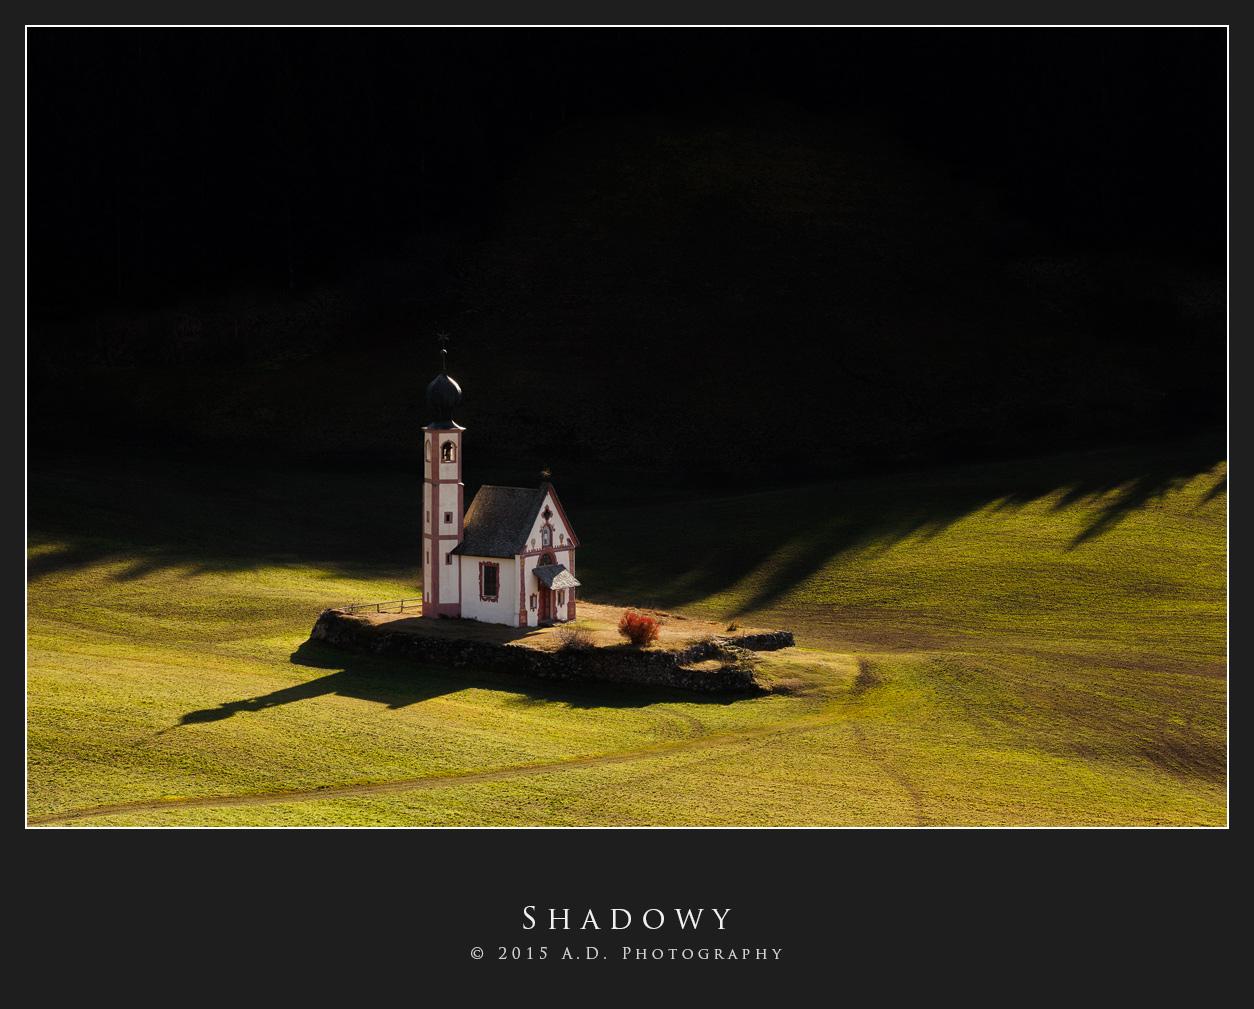 Shadowy...